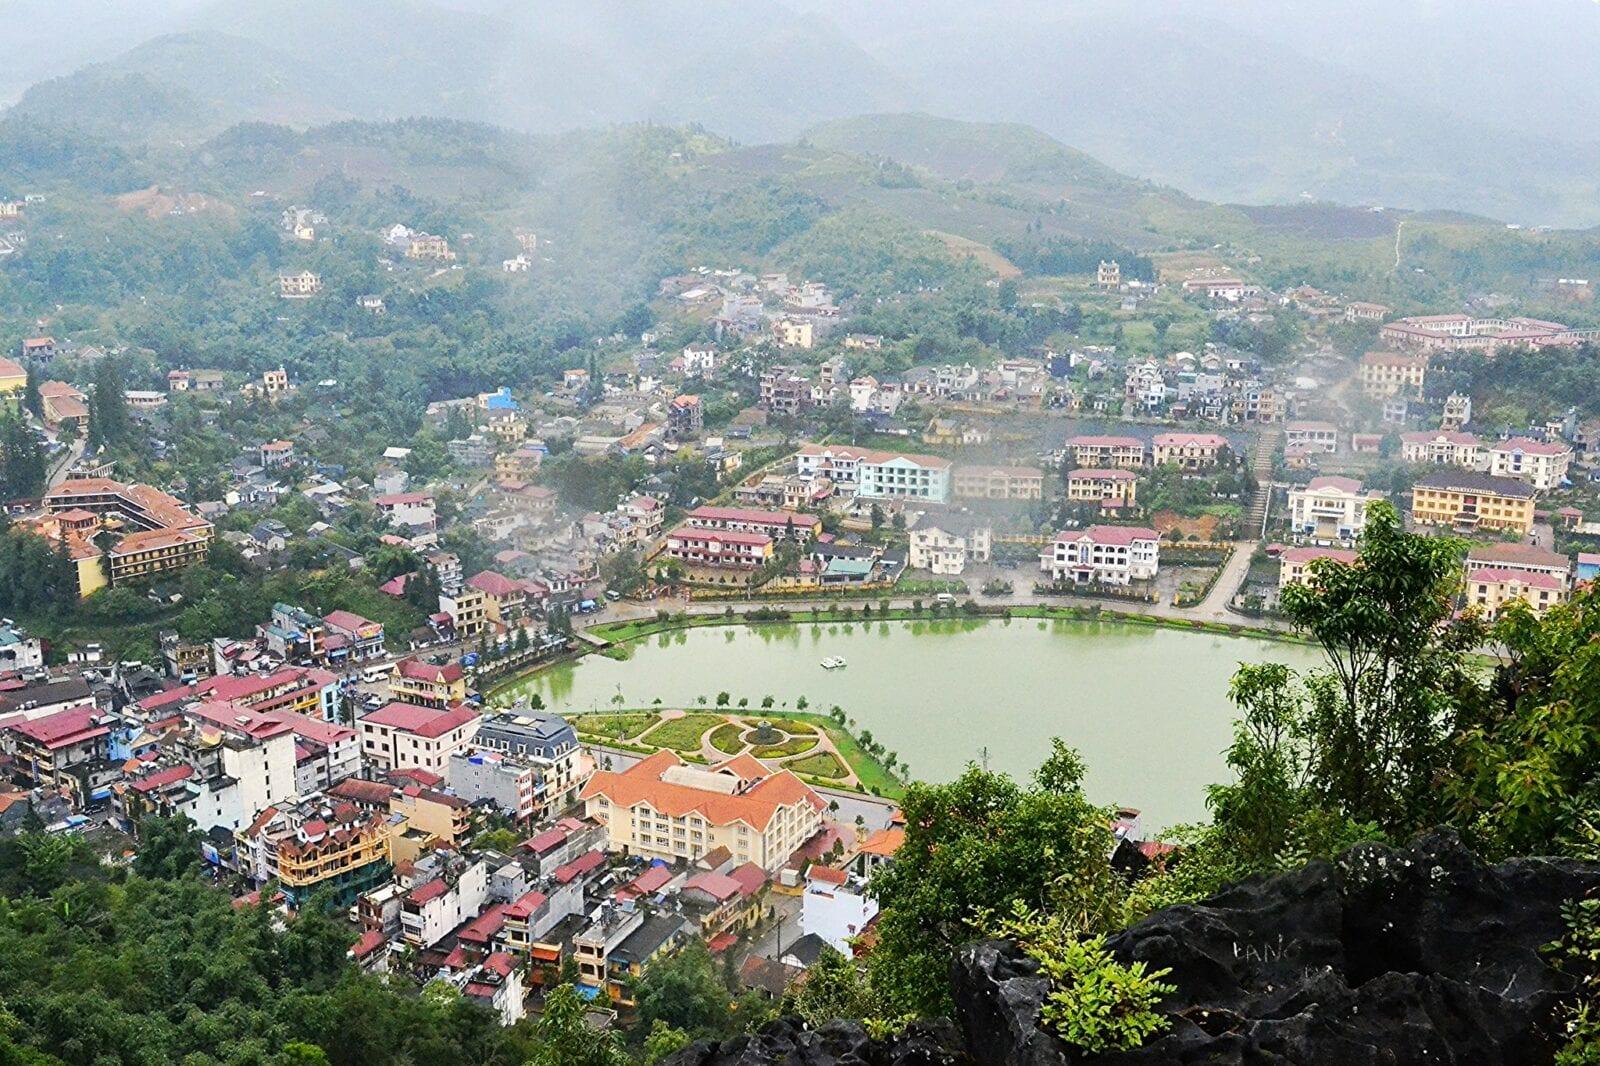 Image of Sapa, Vietnam